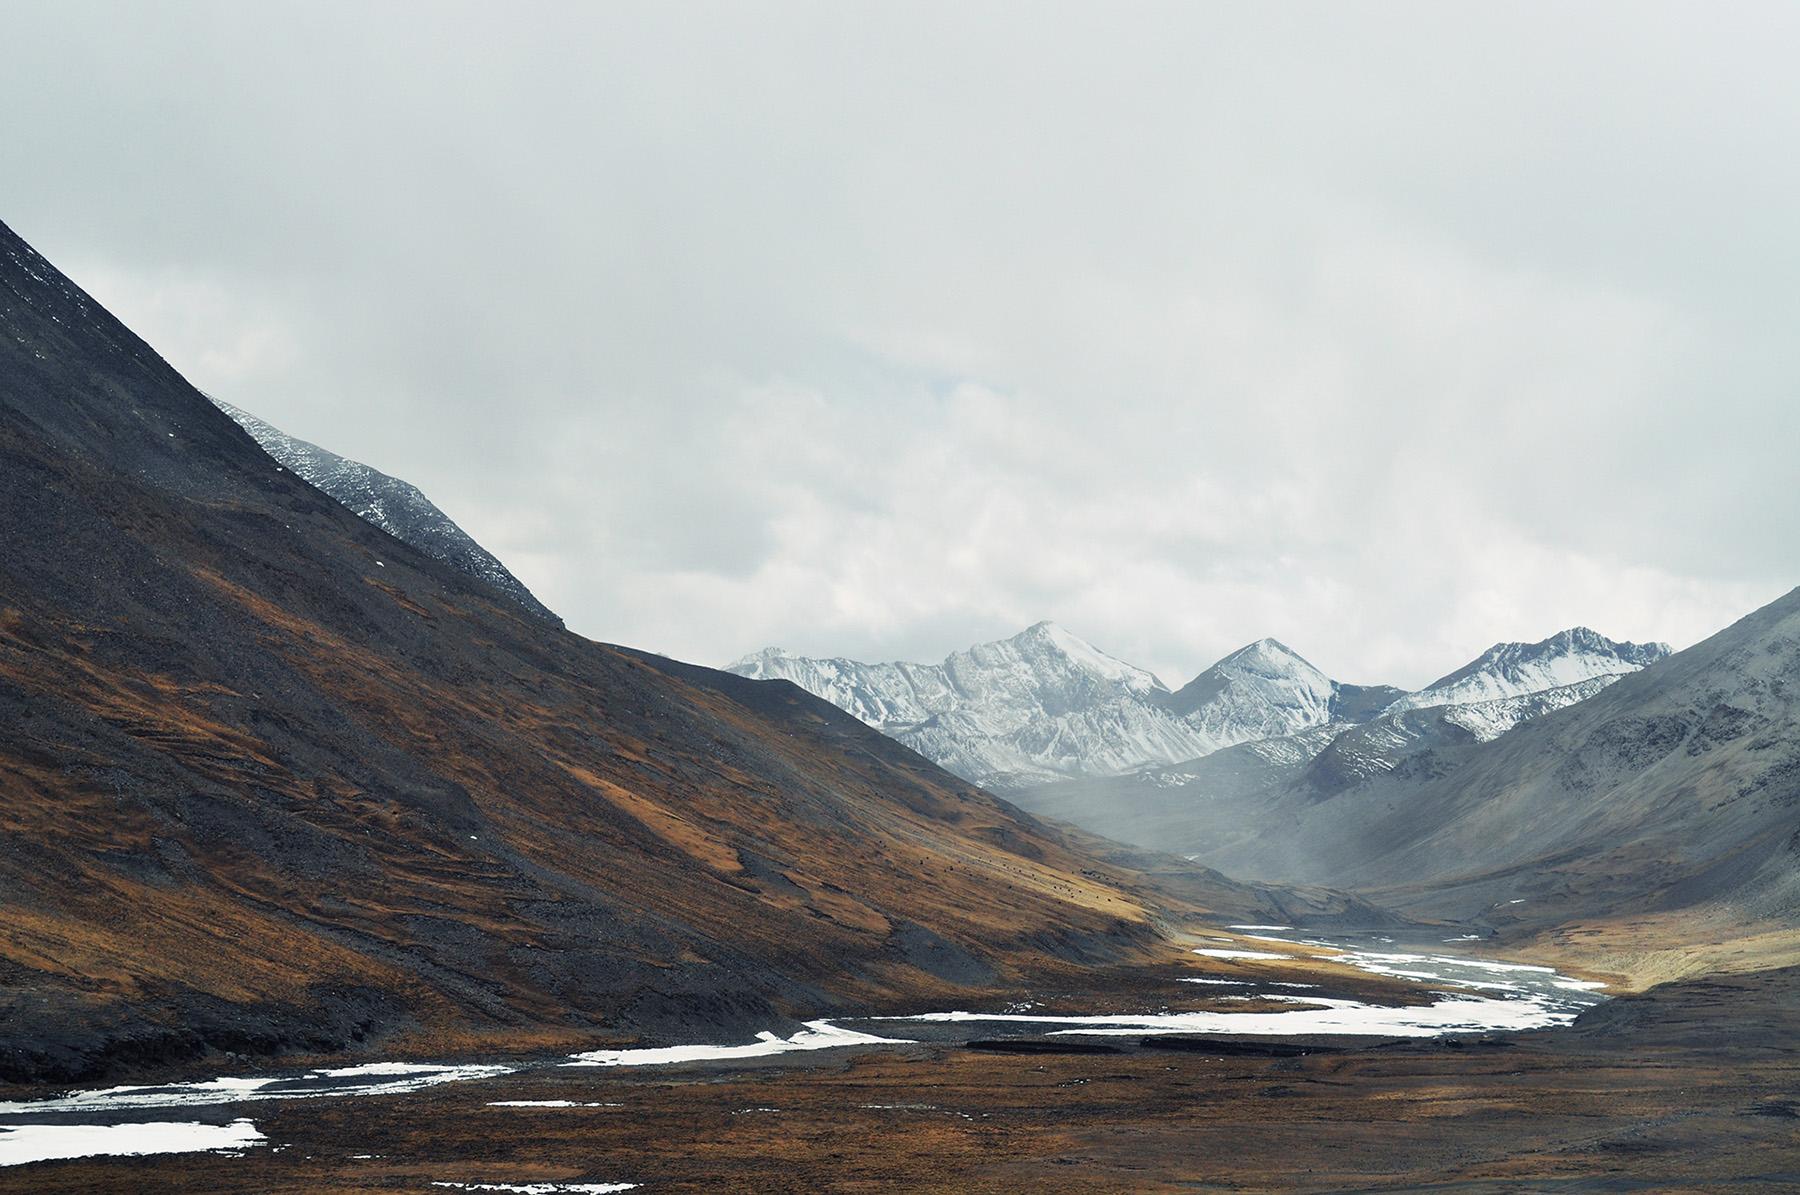 Mountains at Kharola Glacier, Tibet